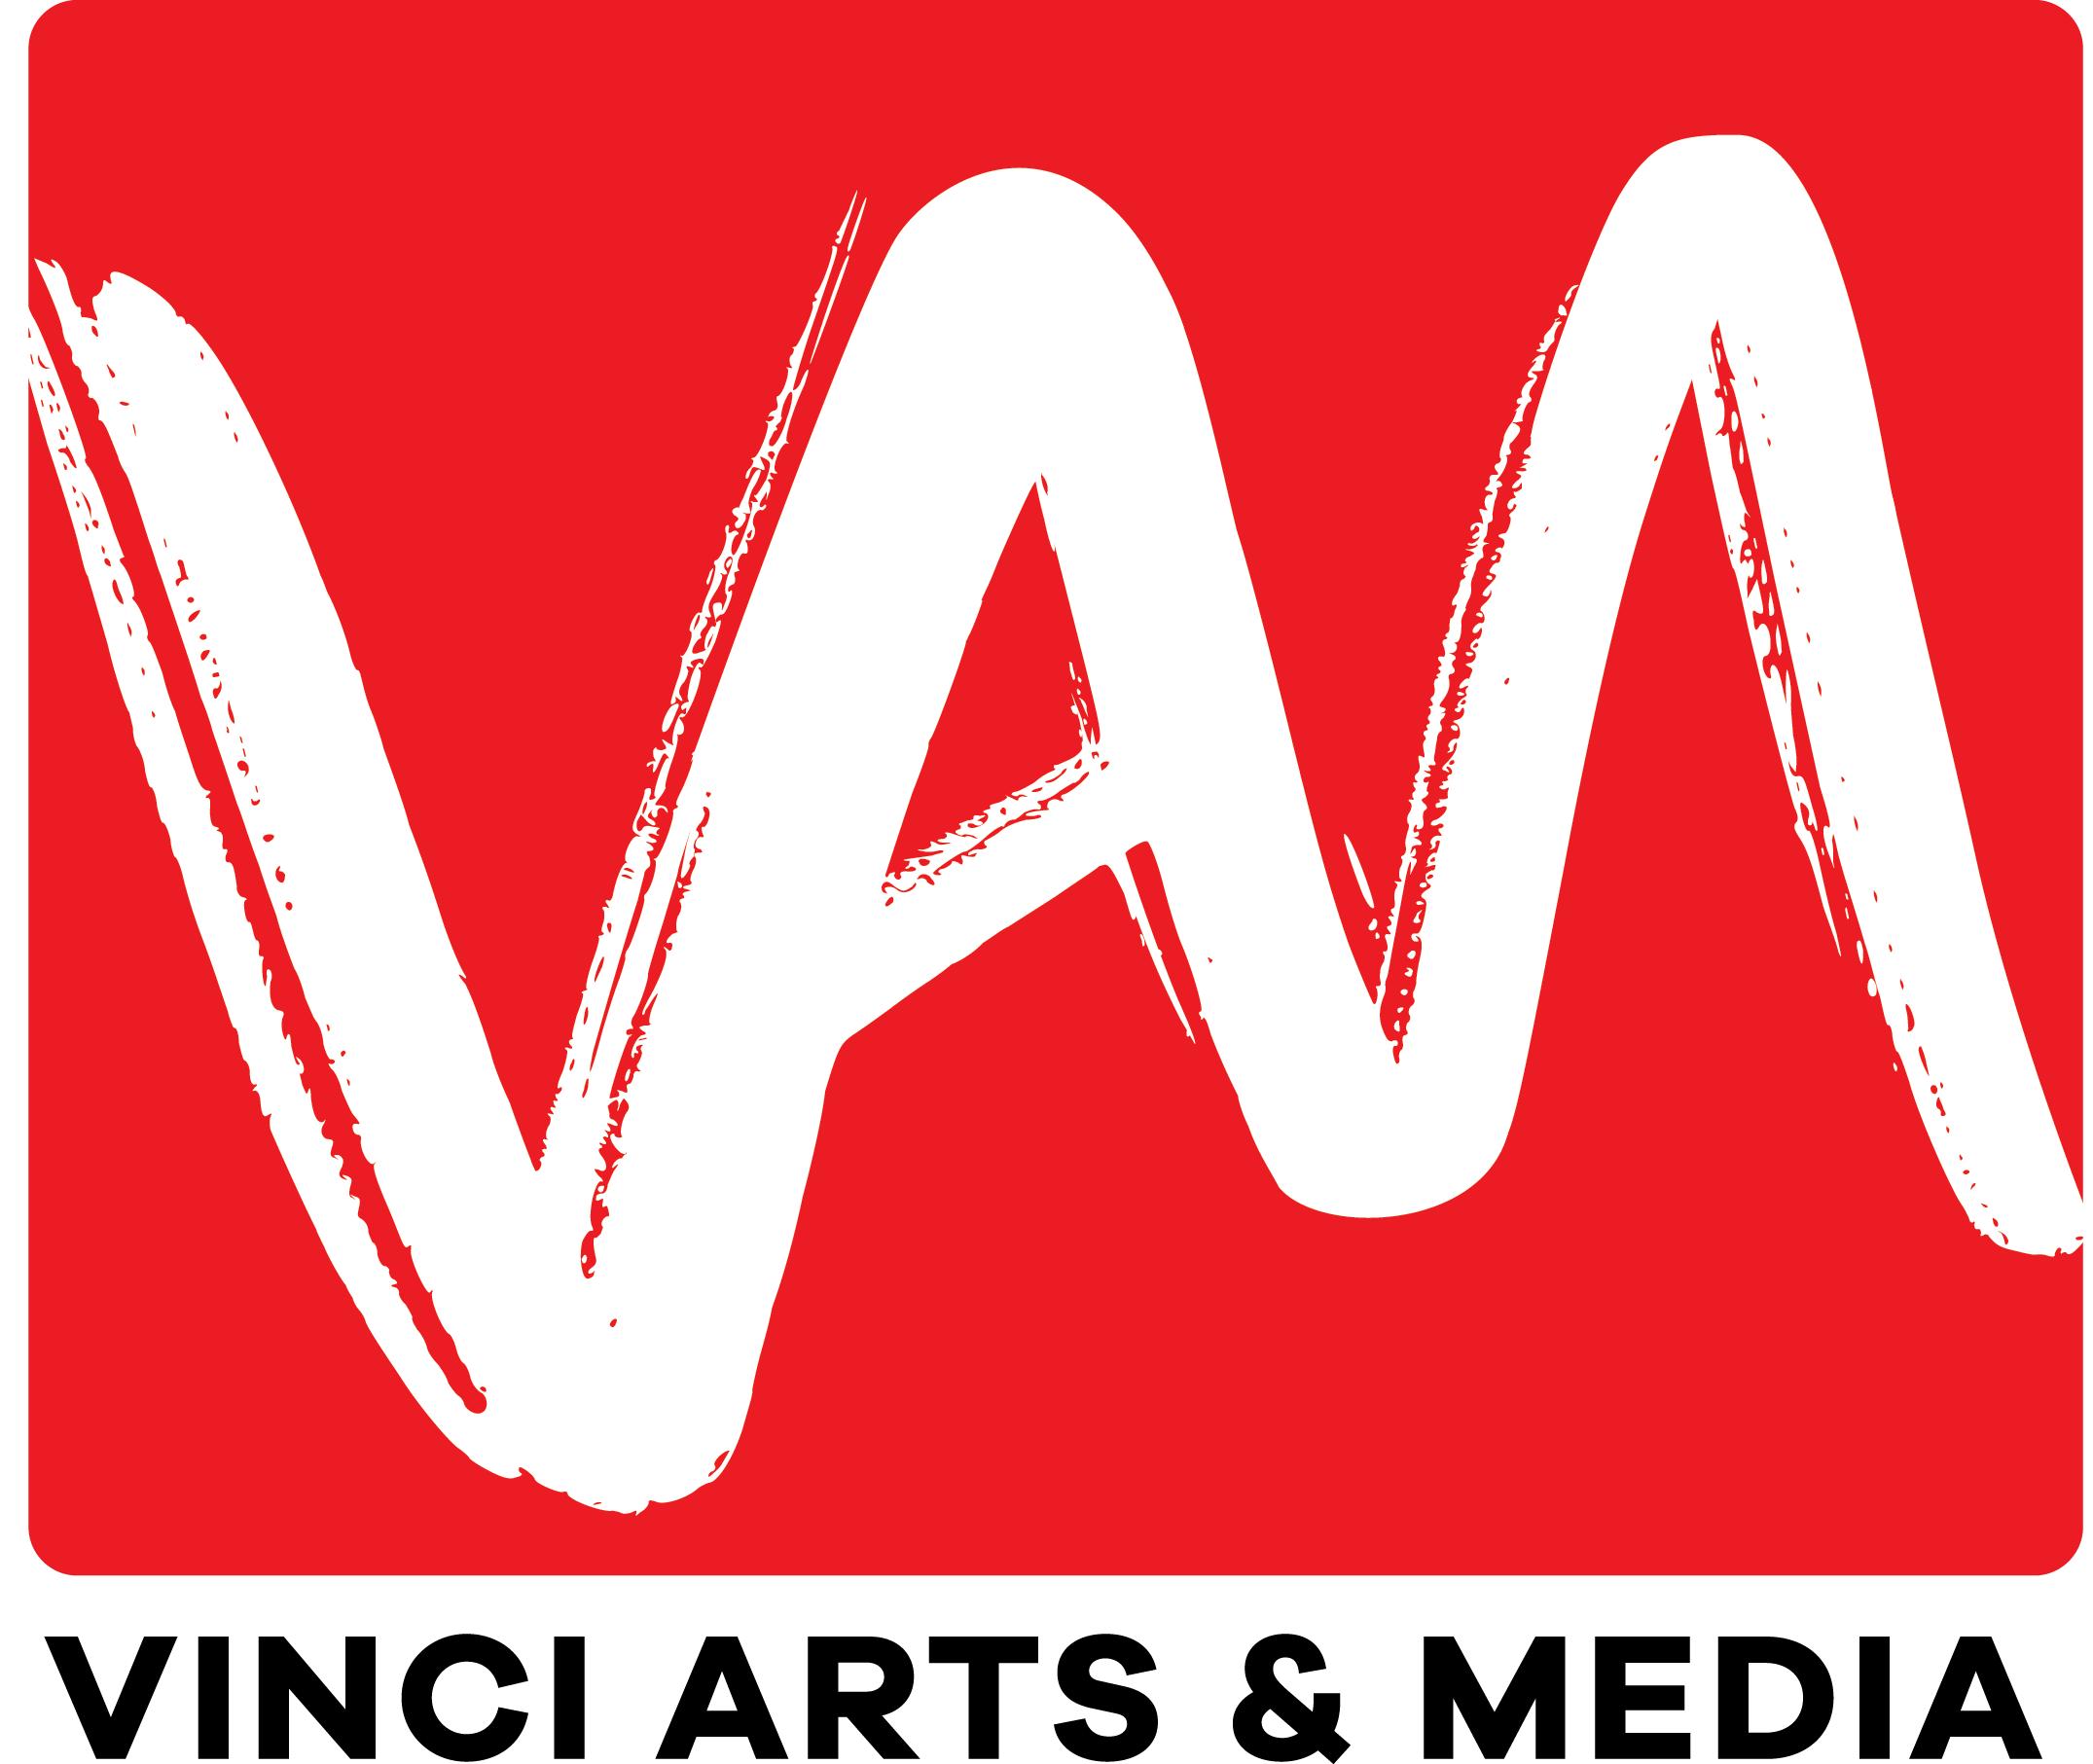 Vinci Arts & Media